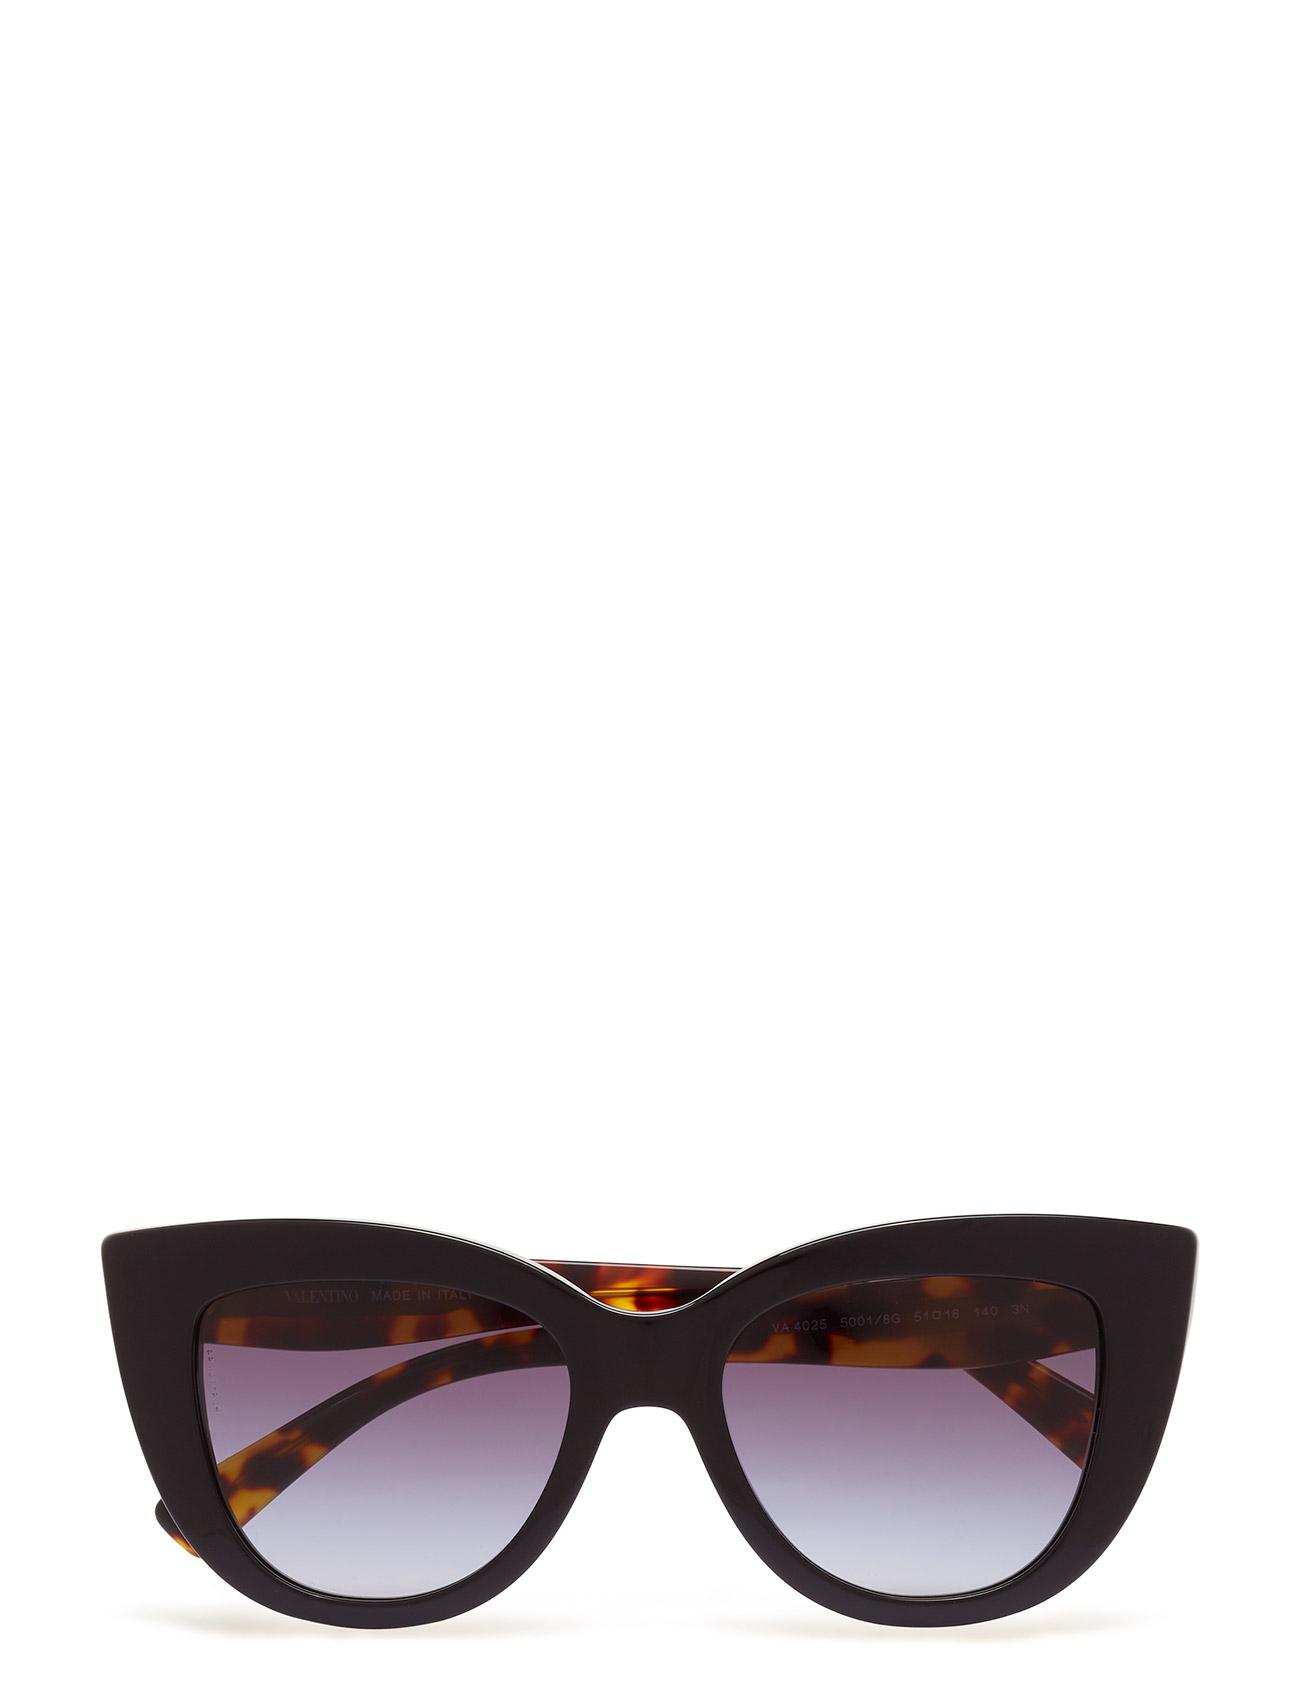 0va4025 - Valentino Sunglasses